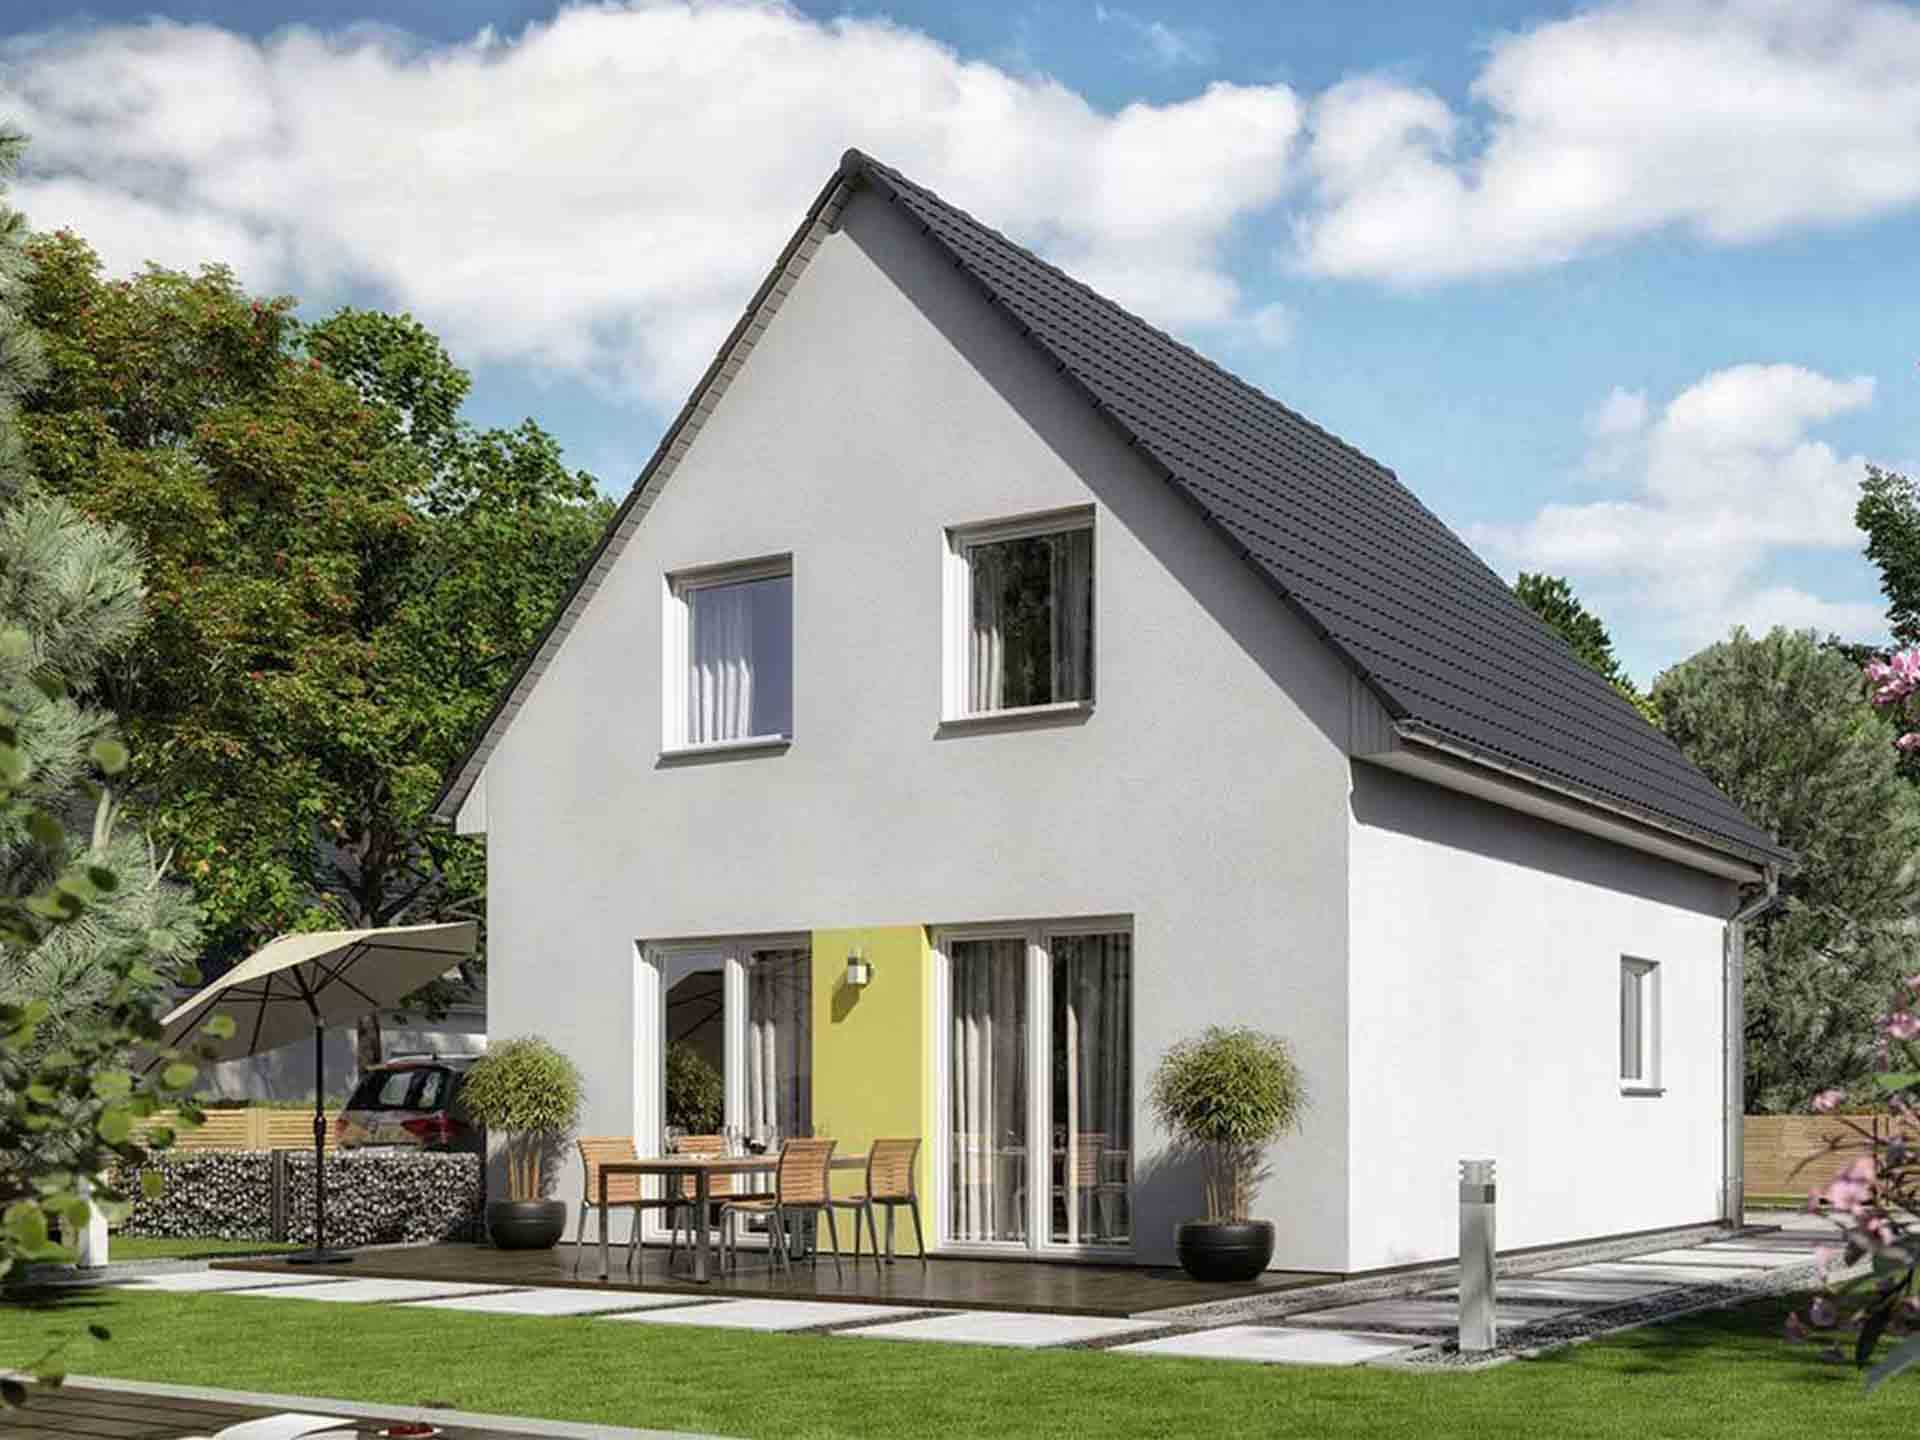 Schindler Hausbau - Town & Country - Einfamilienhaus Raumwunder 90